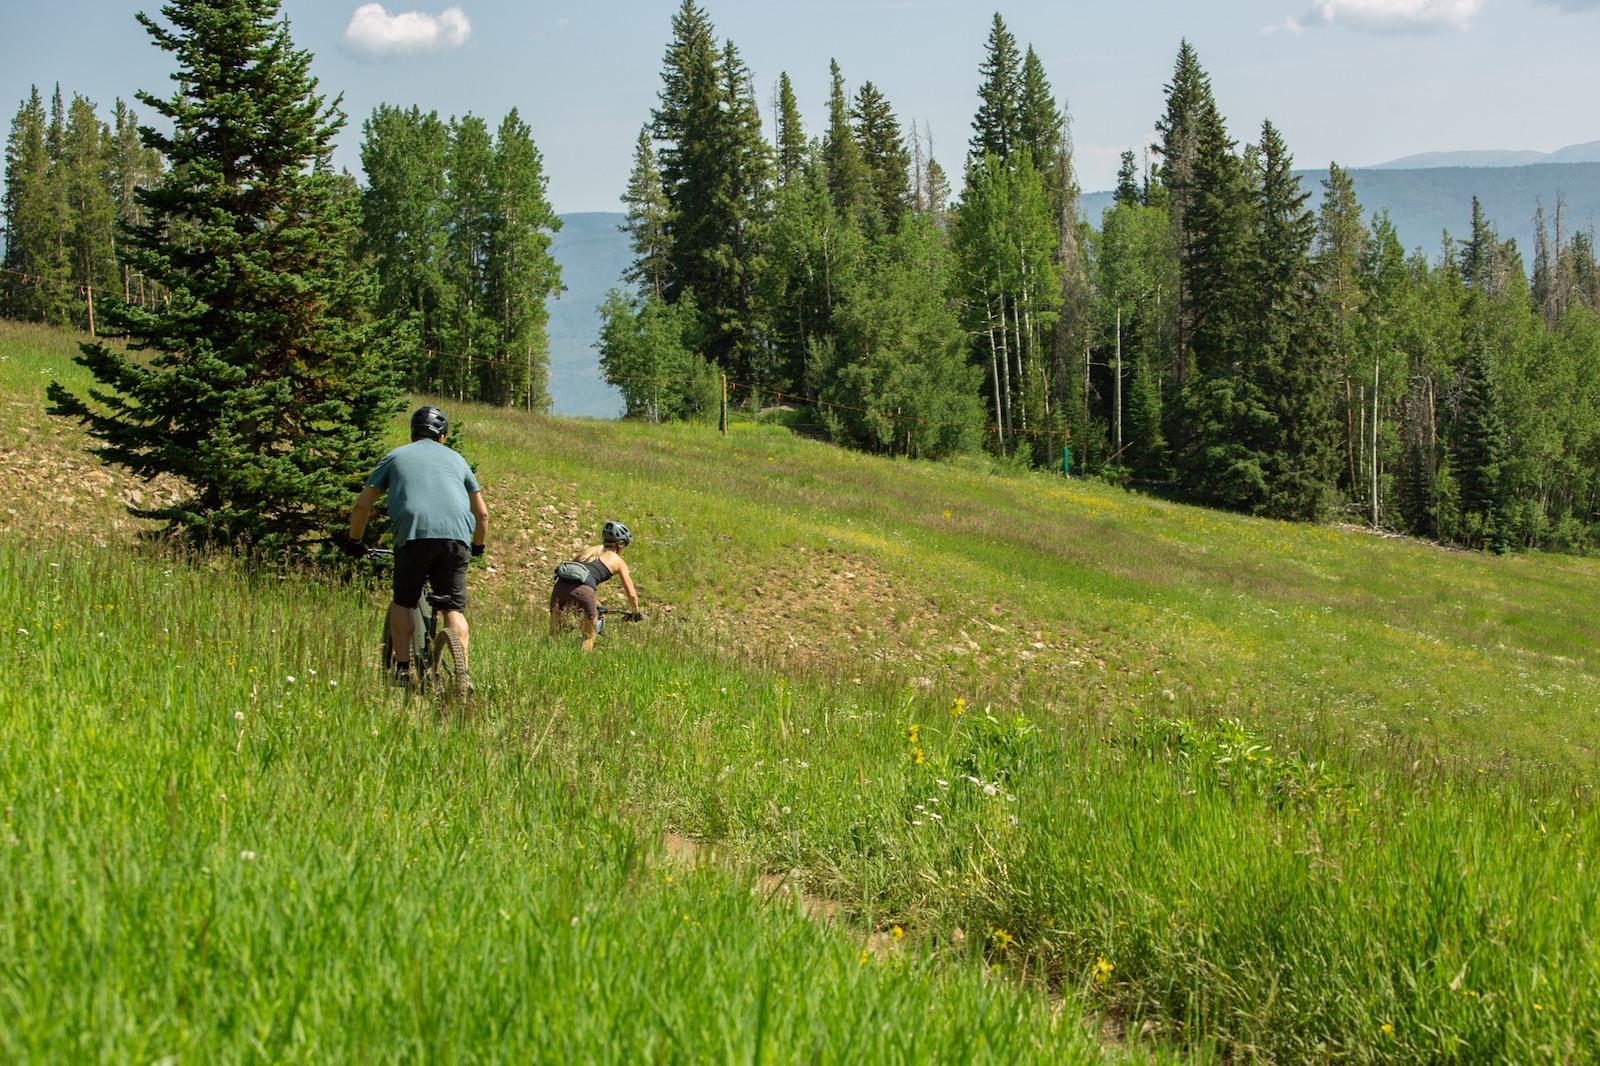 Image of people mountain biking at Beaver Creek Mountain Resort in Colorado